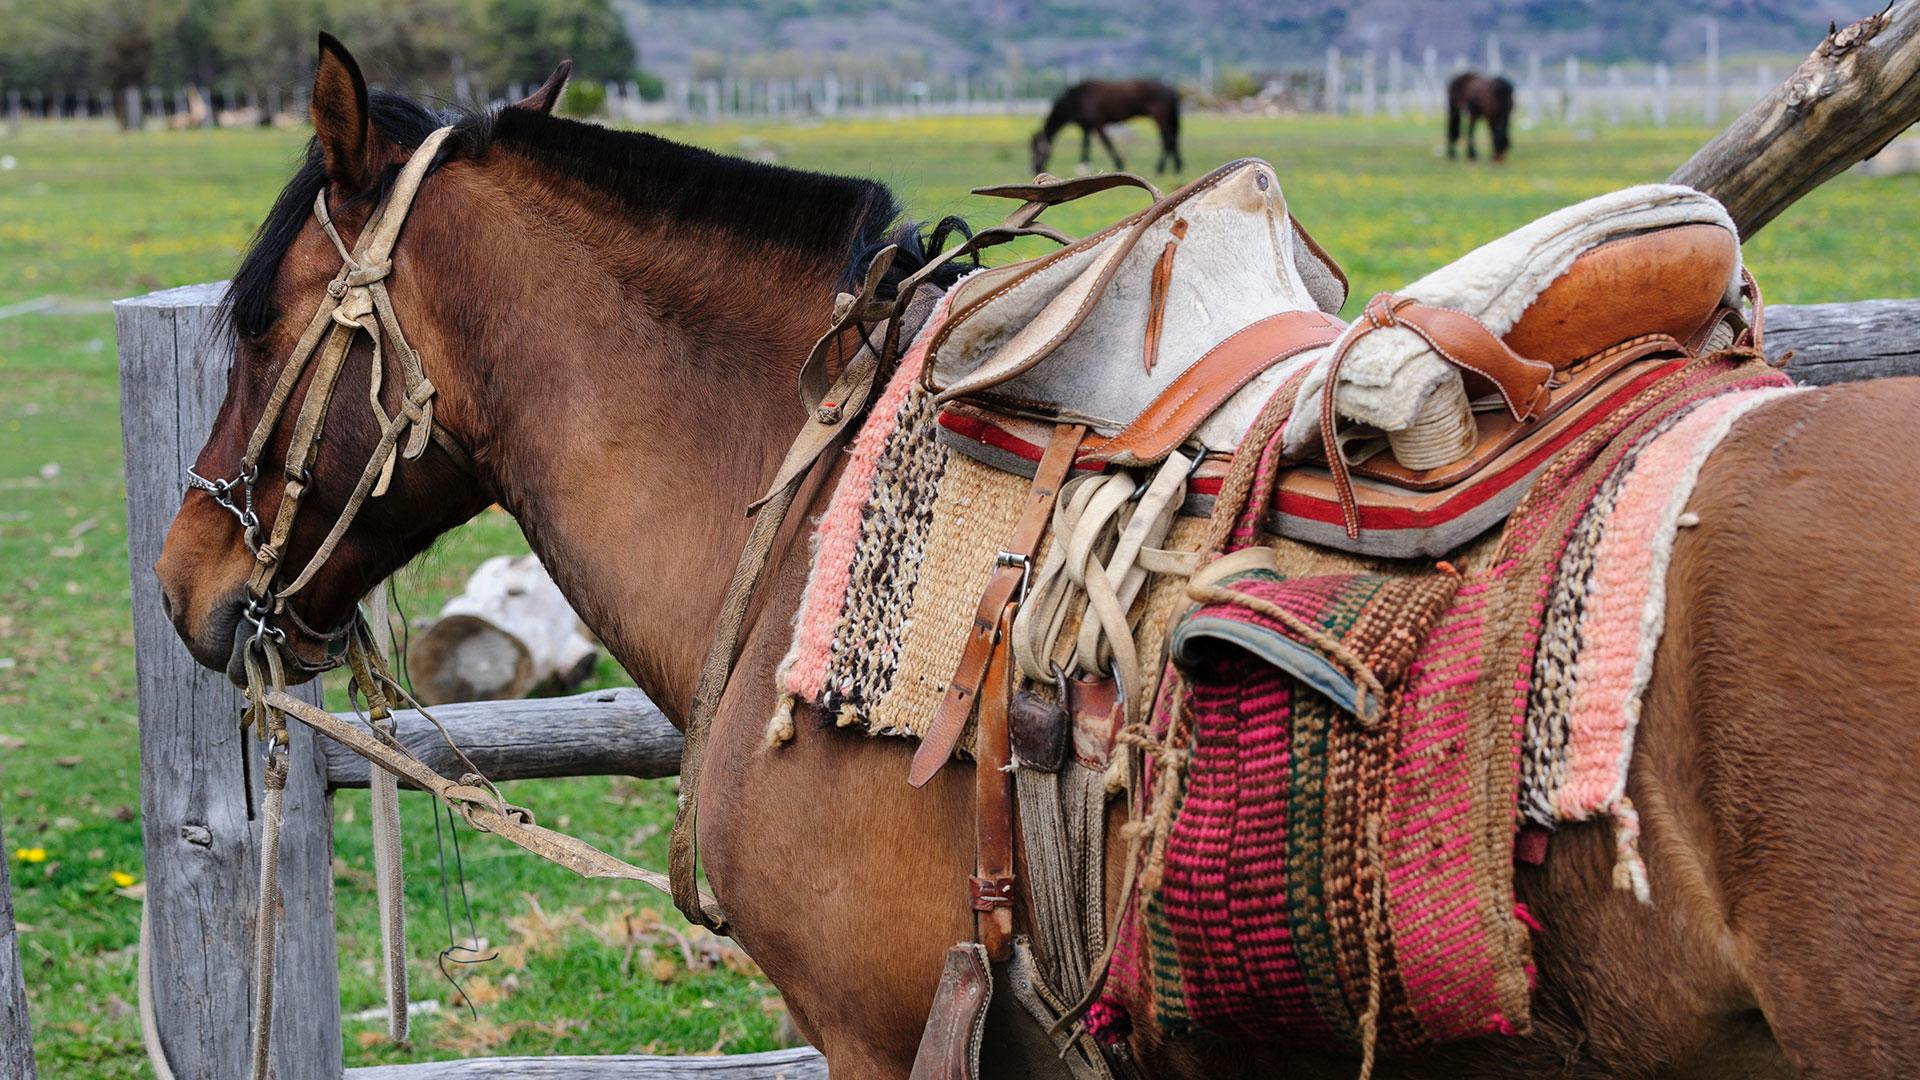 Horse with traditional Chilean saddle, Cerro Castillo, Chile